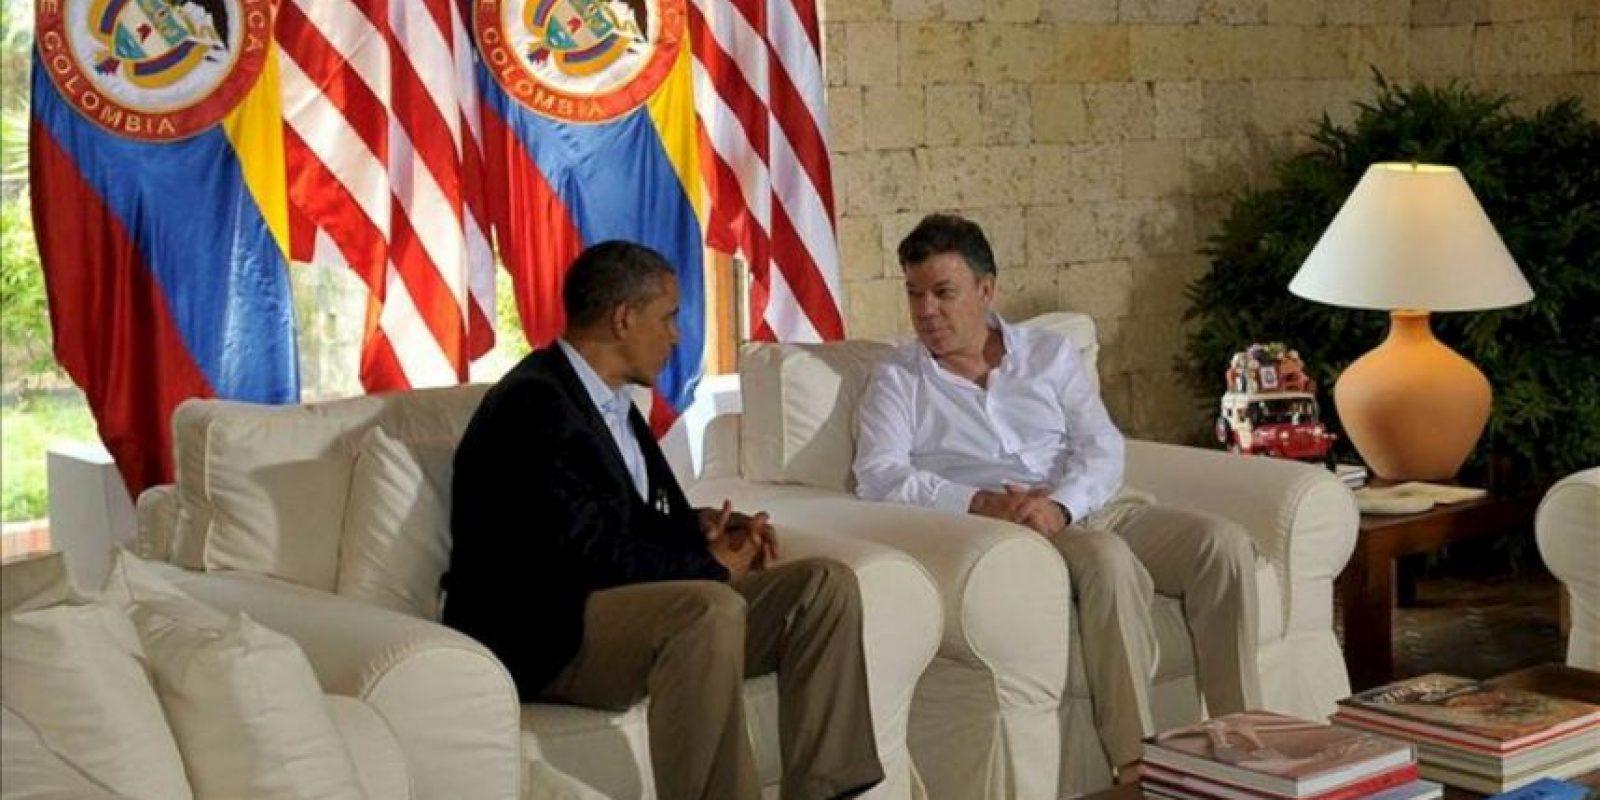 Fotografía cedida por la presidencia de Colombia en la que se registró al Presidente colombiano, Juan Manuel Santos (d), hablando con su homólogo de EE.UU., Barack Obama, durante una reunión bilateral que sostuvieron en la Casa de Huéspedes Ilustres en Cartagena de Indias (Colombia), como parte de las actividades de la VI Cumbre de las Américas EFE